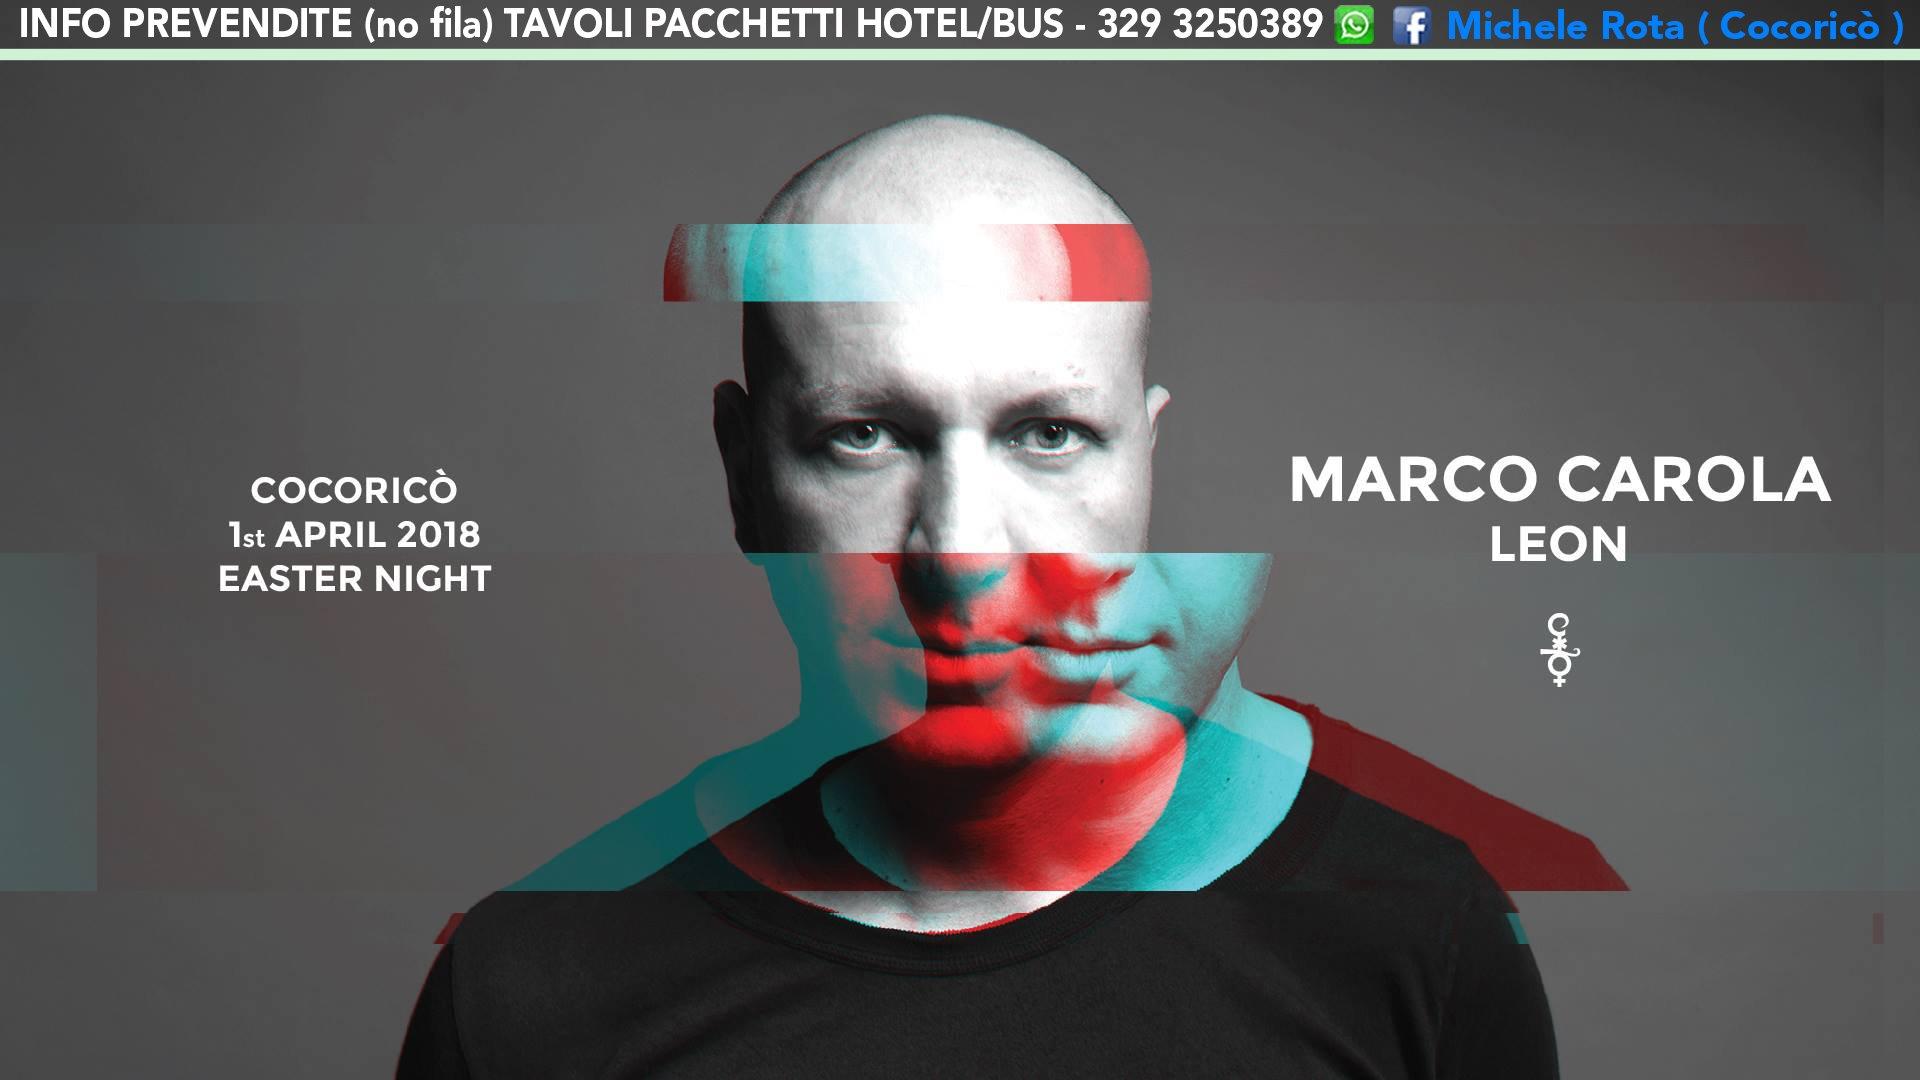 Marco Carola Cocorico Pasqua 2018 Ticket Prevendite Tavoli